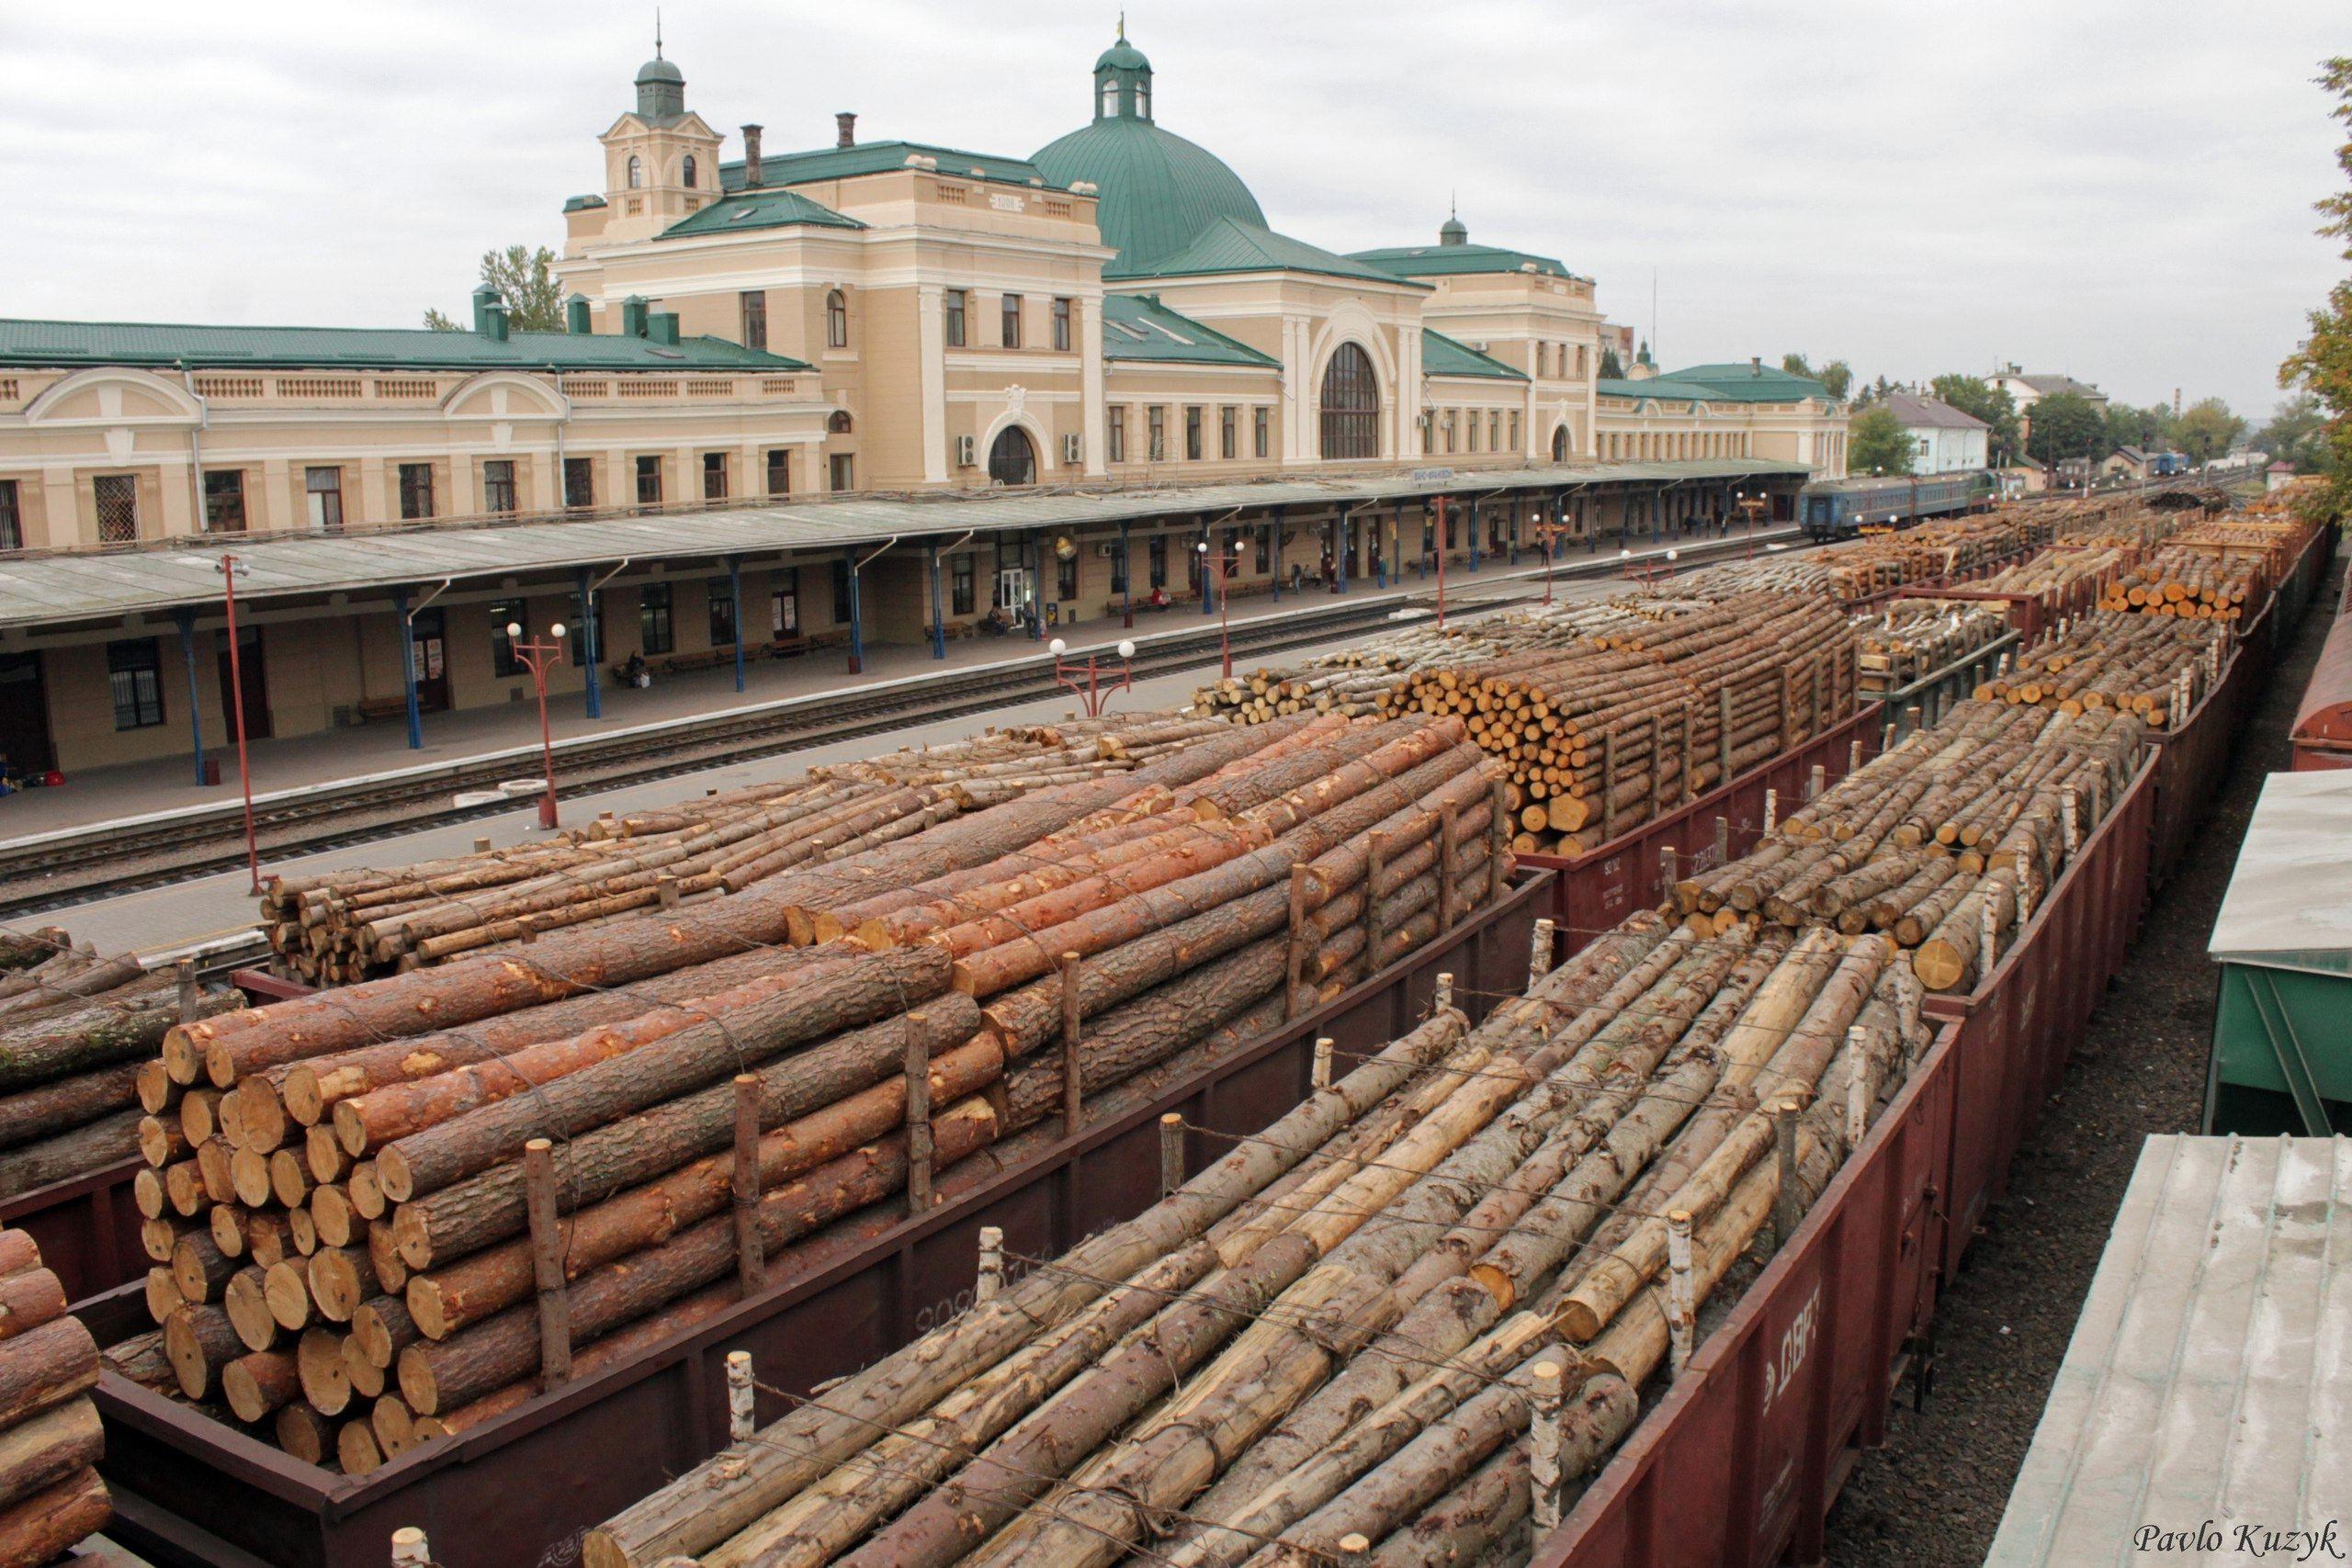 Інспектор Івано-Франківської митниці допомагав родичу експортувати за кордон деревину